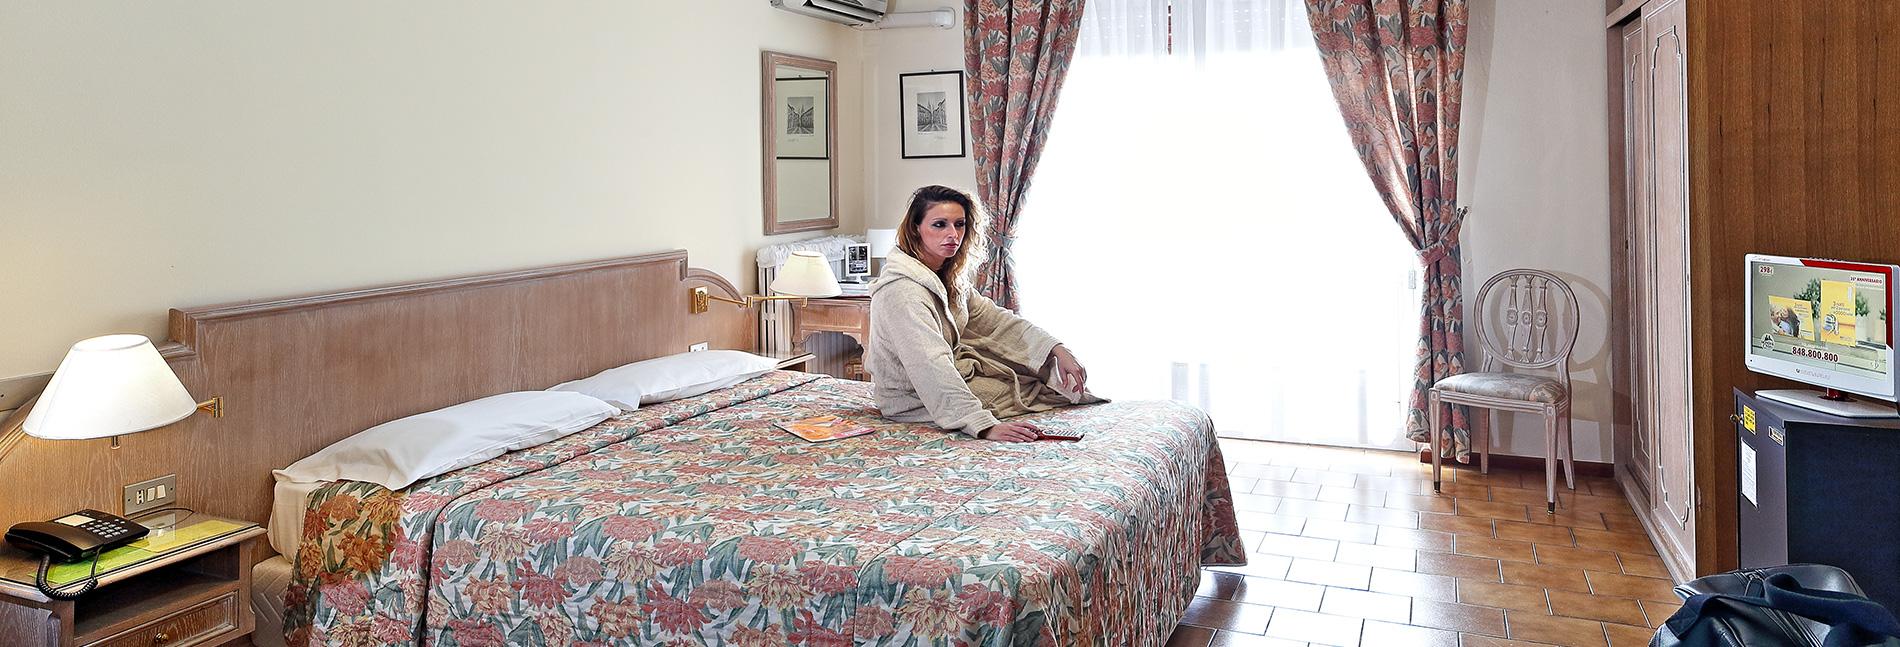 camere-hotel-sogno-novara